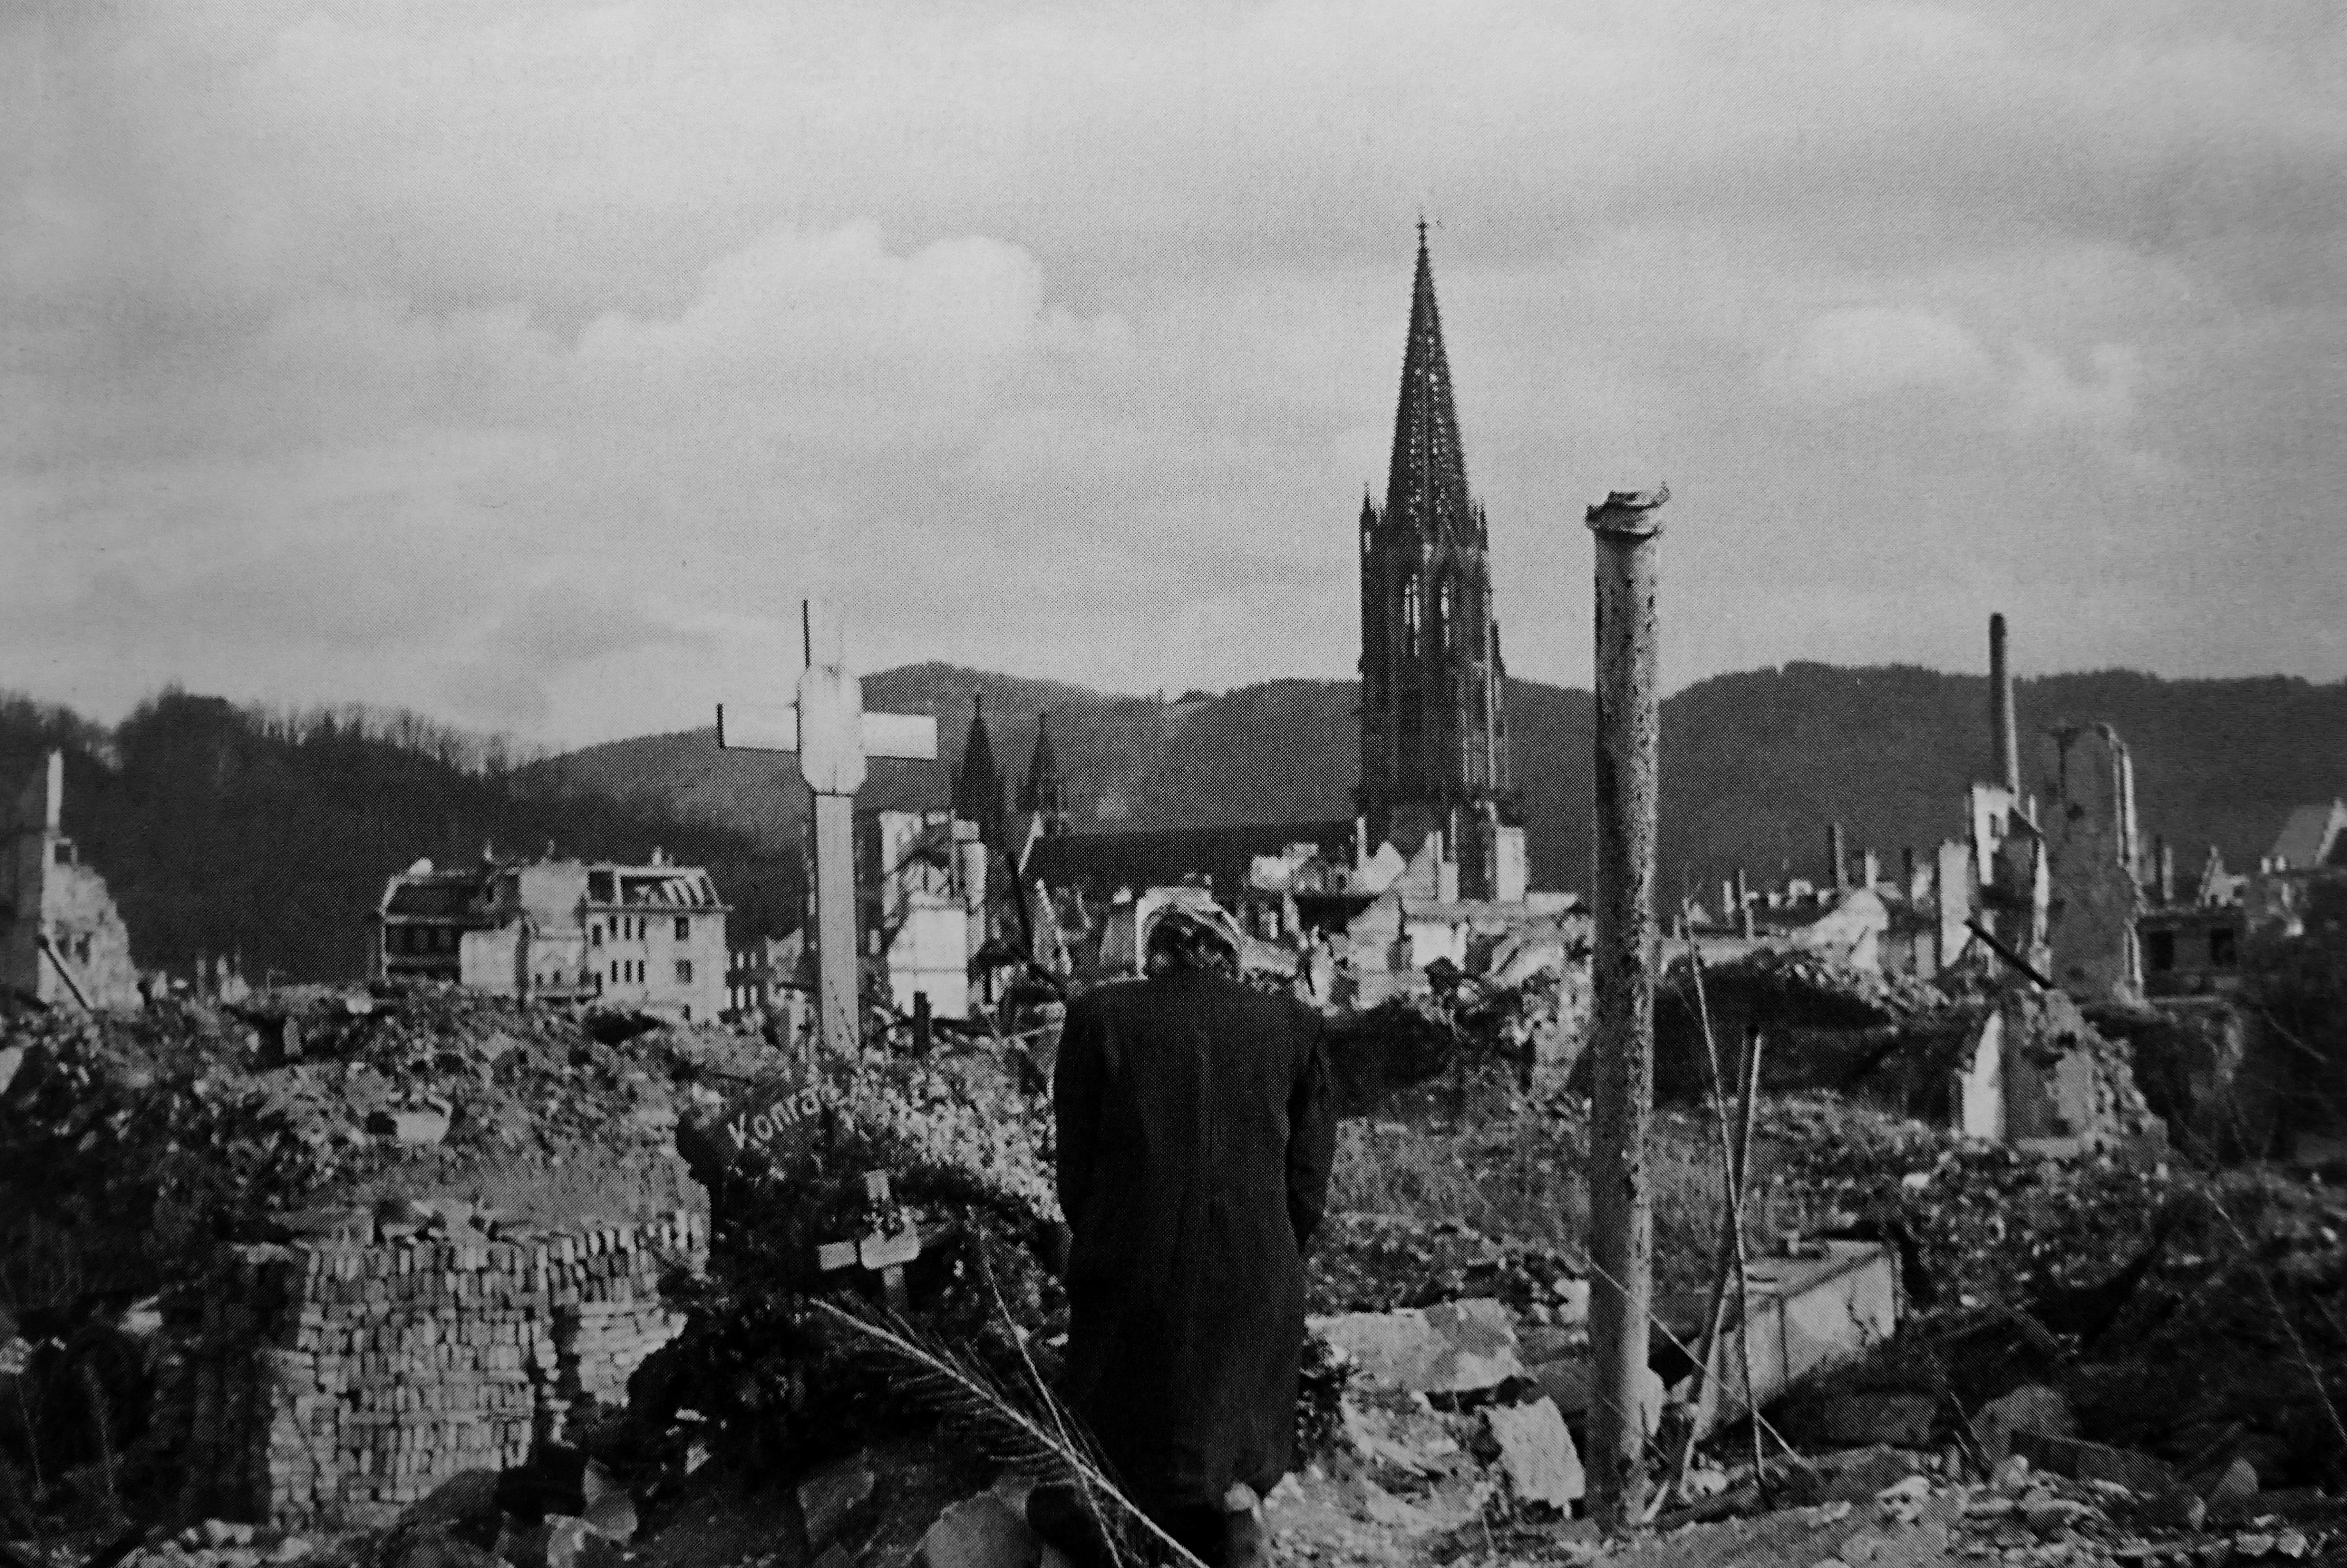 Фото: Жительница Фрайбурга перед крестами на месте разрушенного дома в центре города